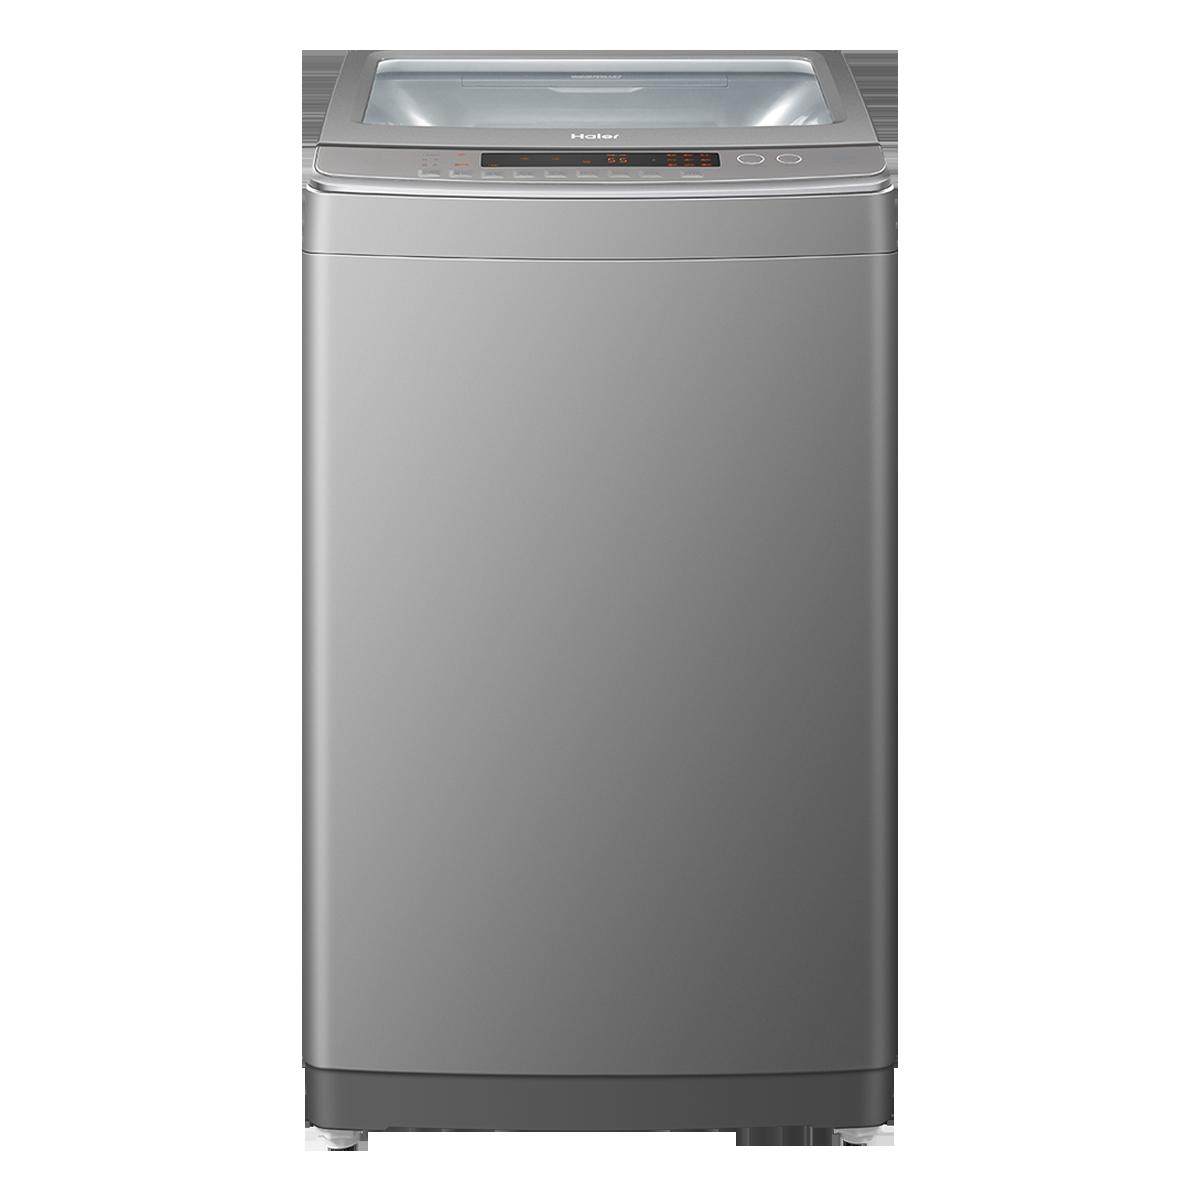 海尔Haier洗衣机 MB75-F15288MU1 说明书